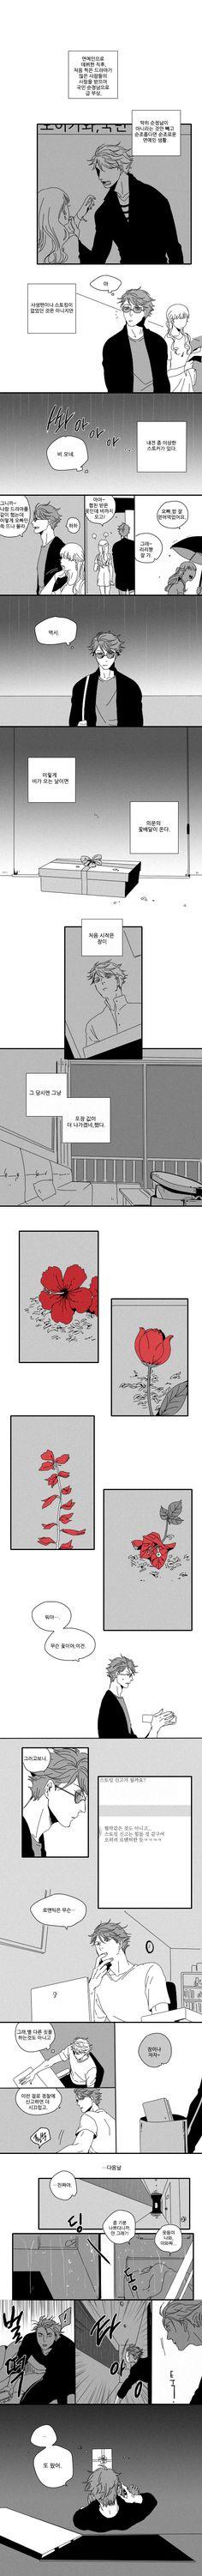 (빗소리 입니다.볼륨 UP!) 기묘한 이야기 (세이죠,오이카와 위주)-비가 오는 날이면 호러는 아니지만 비오는 날 꿉꿉한 느낌이 전반적인 분위기입니다. 오이카와에게 왔던 꽃들 히비스커스 (남 몰래 간직한 사랑) 붉은색 튤립 (불멸의 사랑) 사루비아(불타는 마음) 부겐빌레아(영원한 사랑) . 흑장미(당신은 나의 것) 모두 사랑의 꽃입니다. 해석(드래그) 꽃을..